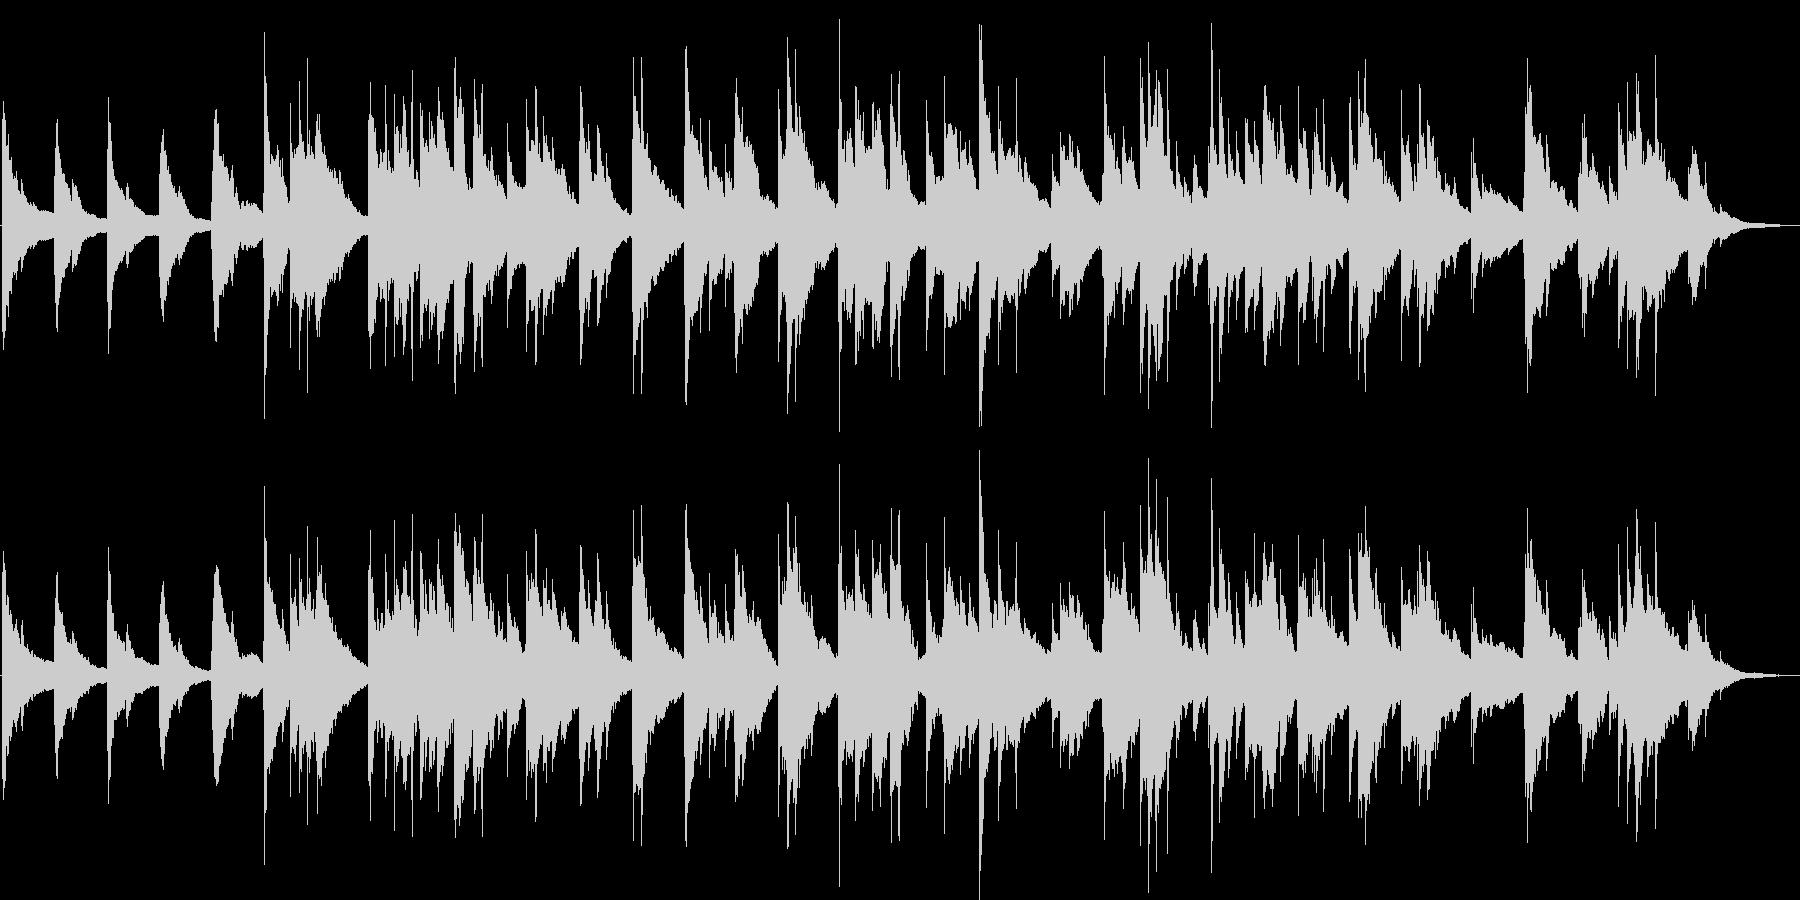 アコースティックギターのバラードの未再生の波形